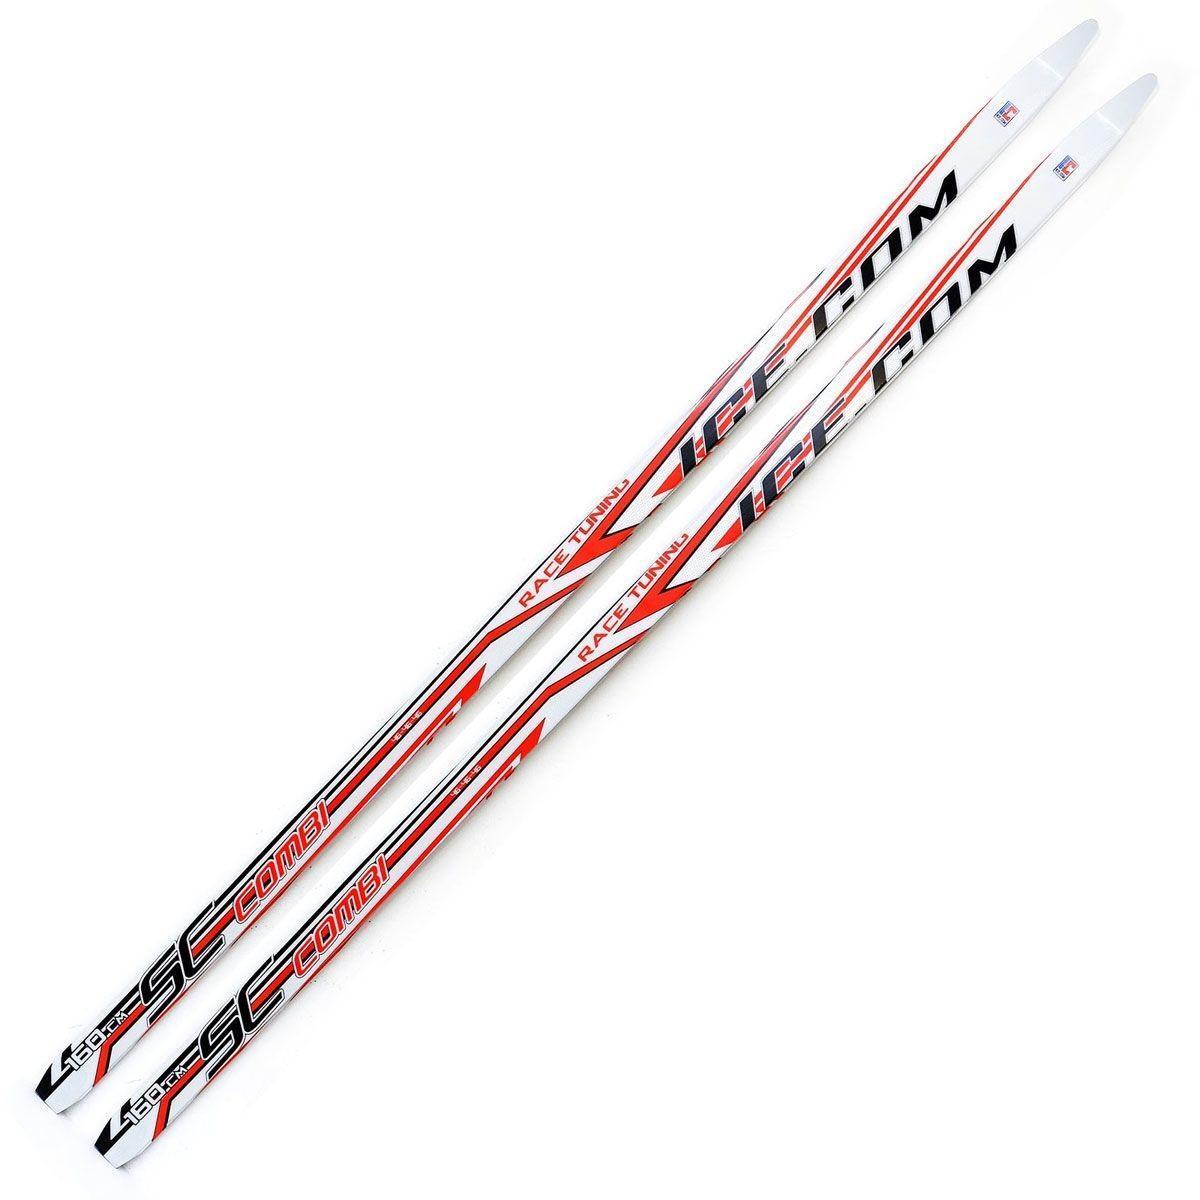 Беговые лыжи Ice.com Combi 2015 , цвет: красный, рост 150 смN90915Лыжи Ice.com Combi (без насечкой) предназначены для активного катания и прогулок по лыжне как классическим стилем, так и коньковым (свободным) ходом. Особенности:Технология CAP - высокотехнологичный ABS пластик;Скользящая поверхность из экструдированного полиэстера;Облегченный деревянный клин c воздушными каналами;